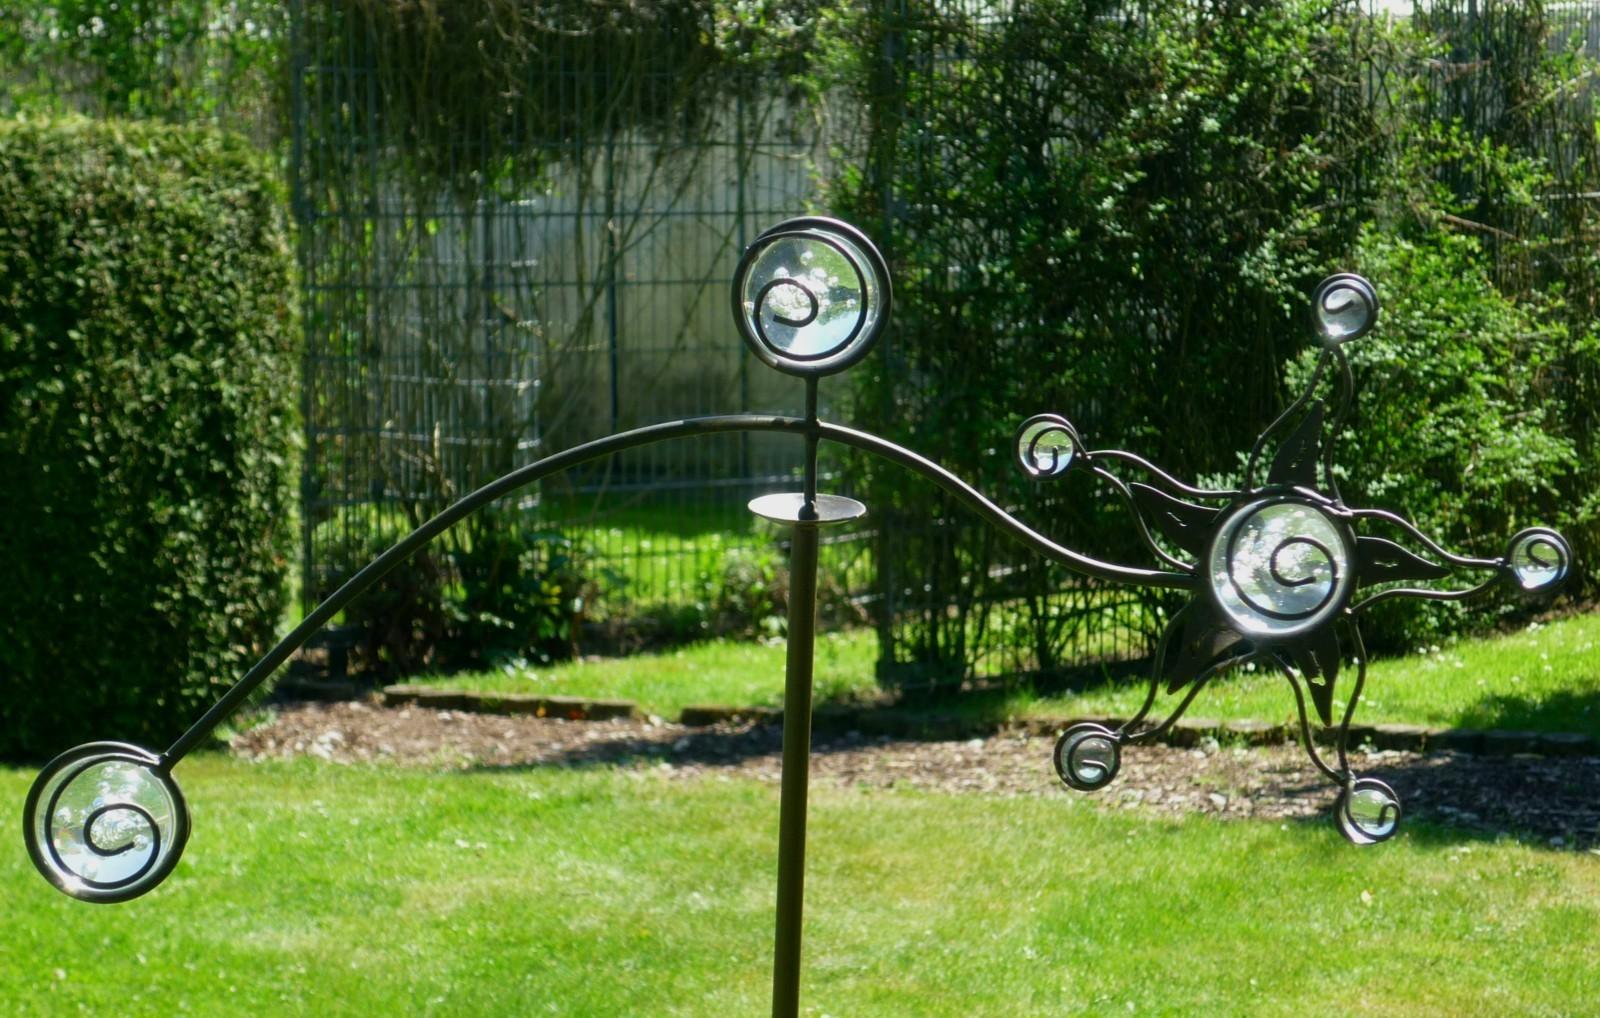 gartendeko glaskugeln – flashzoom, Garten ideen gestaltung